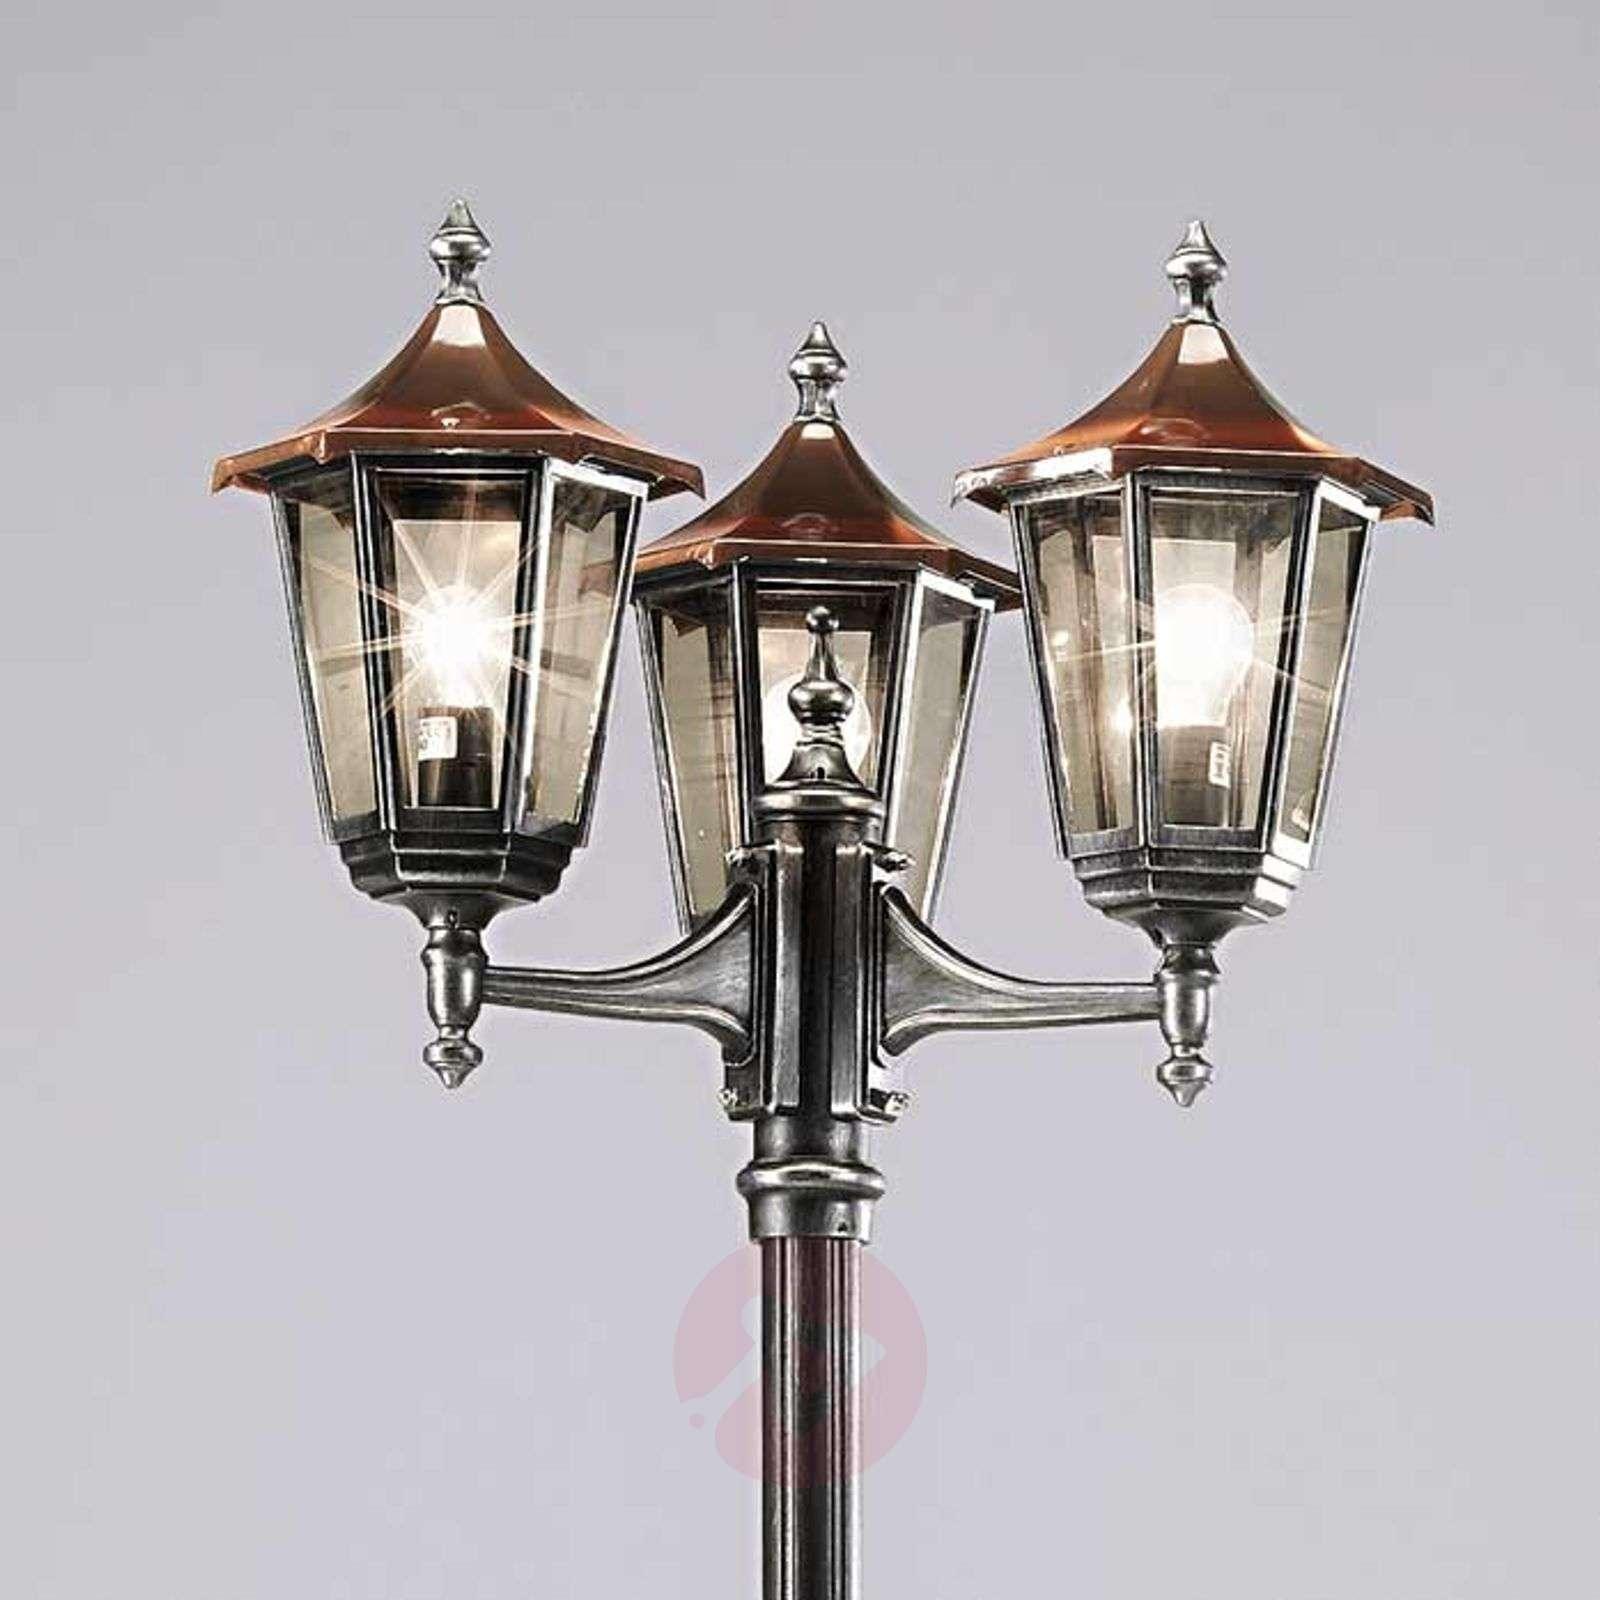 3-Lamppuinen kynttilänjalka ANTOINE-7253974-01